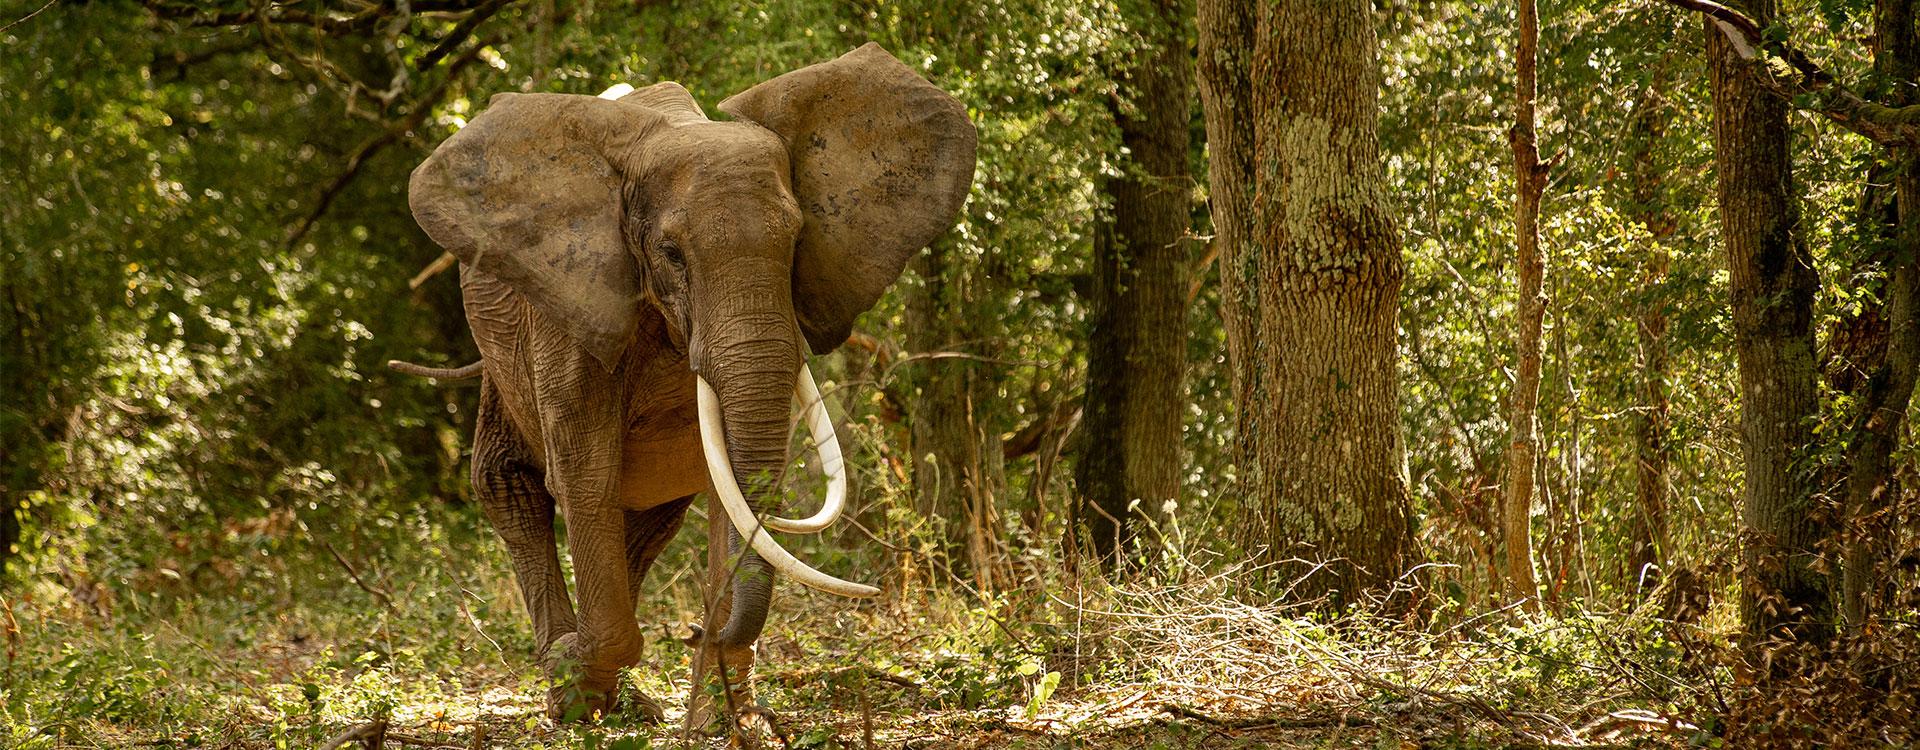 un éléphant d'Afrique en liberté dans la forêt